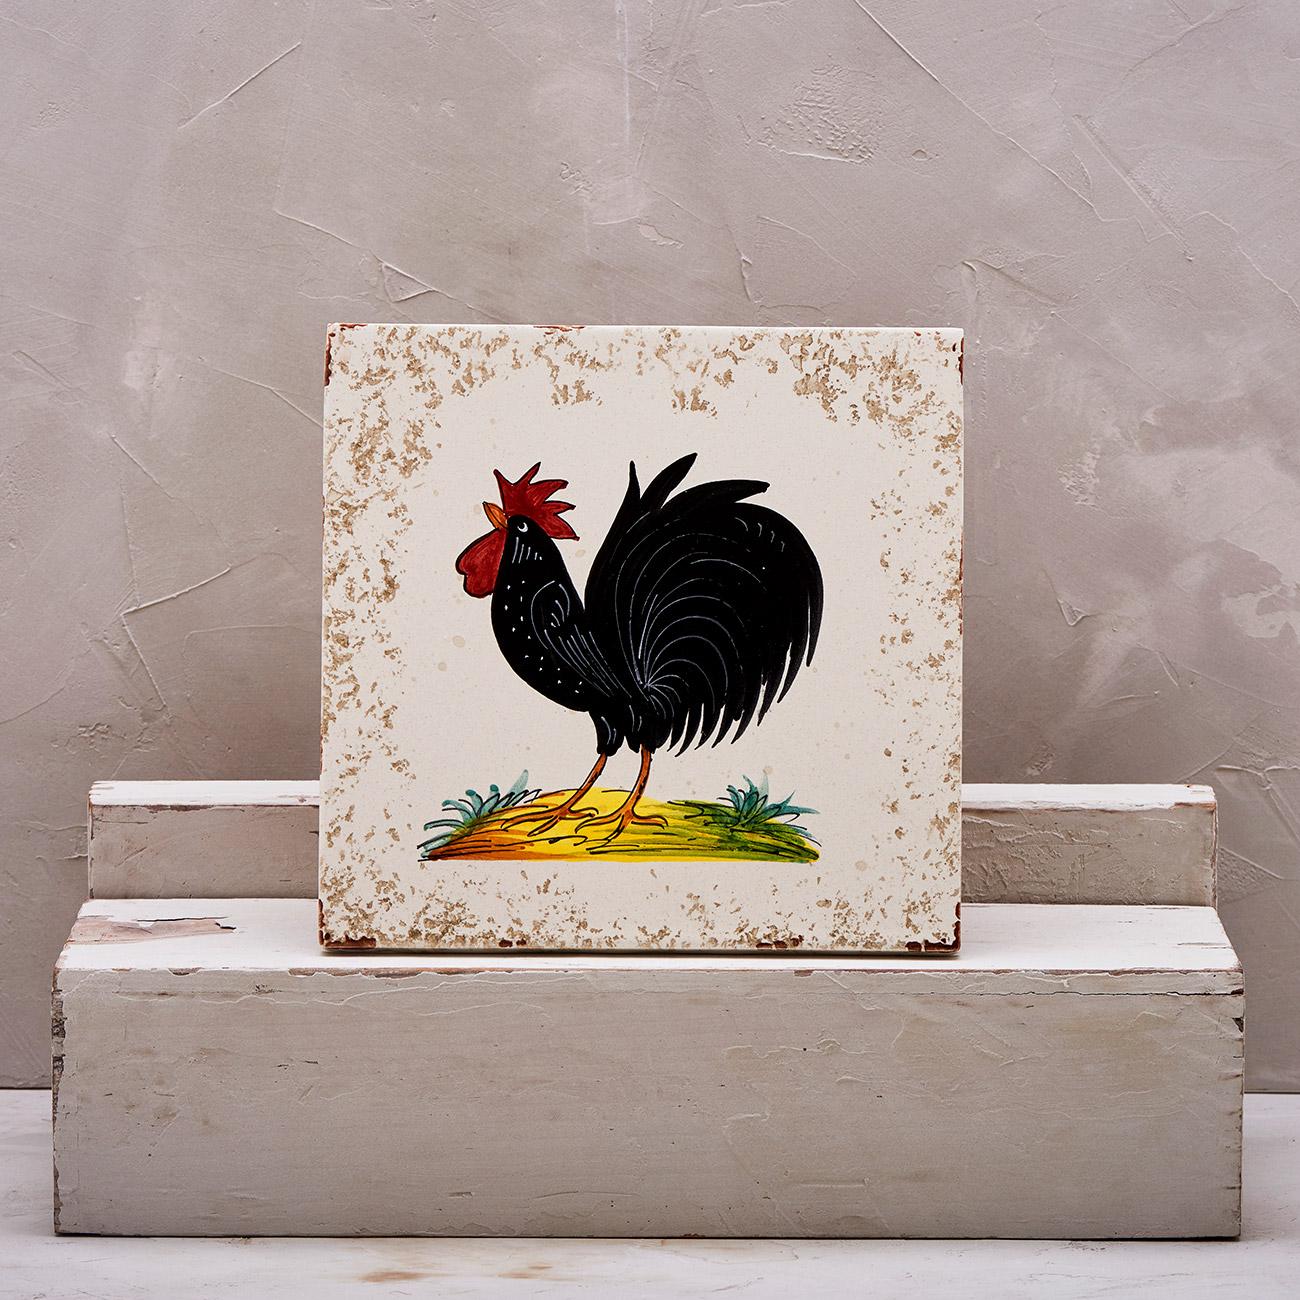 Black Rooster Tile - 20 x 20 cm 1